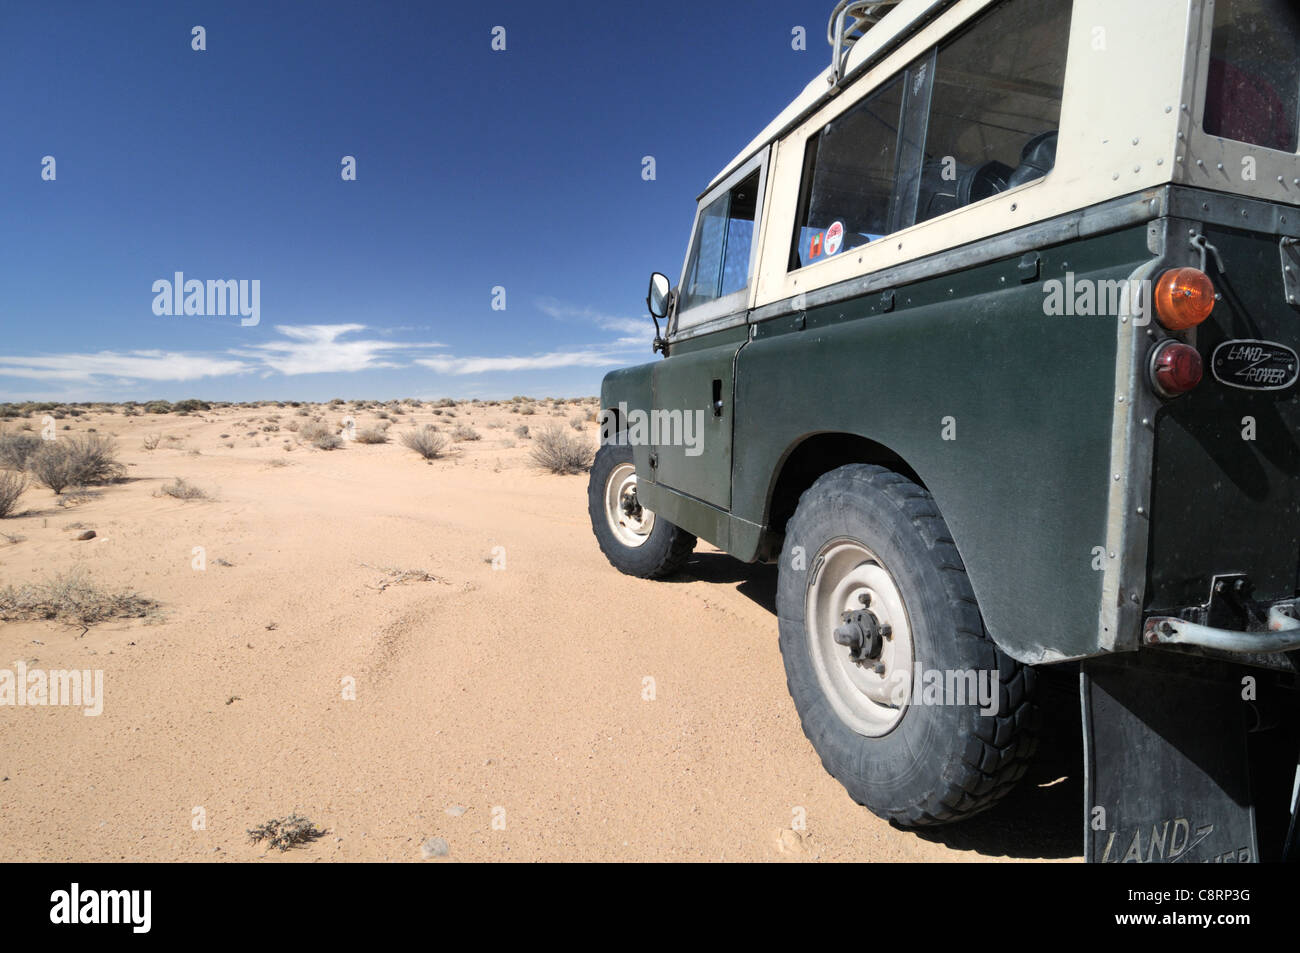 Africa, Tunisia, nr. Douz. Land Rover Series 2a in the Sahara desert. - Stock Image